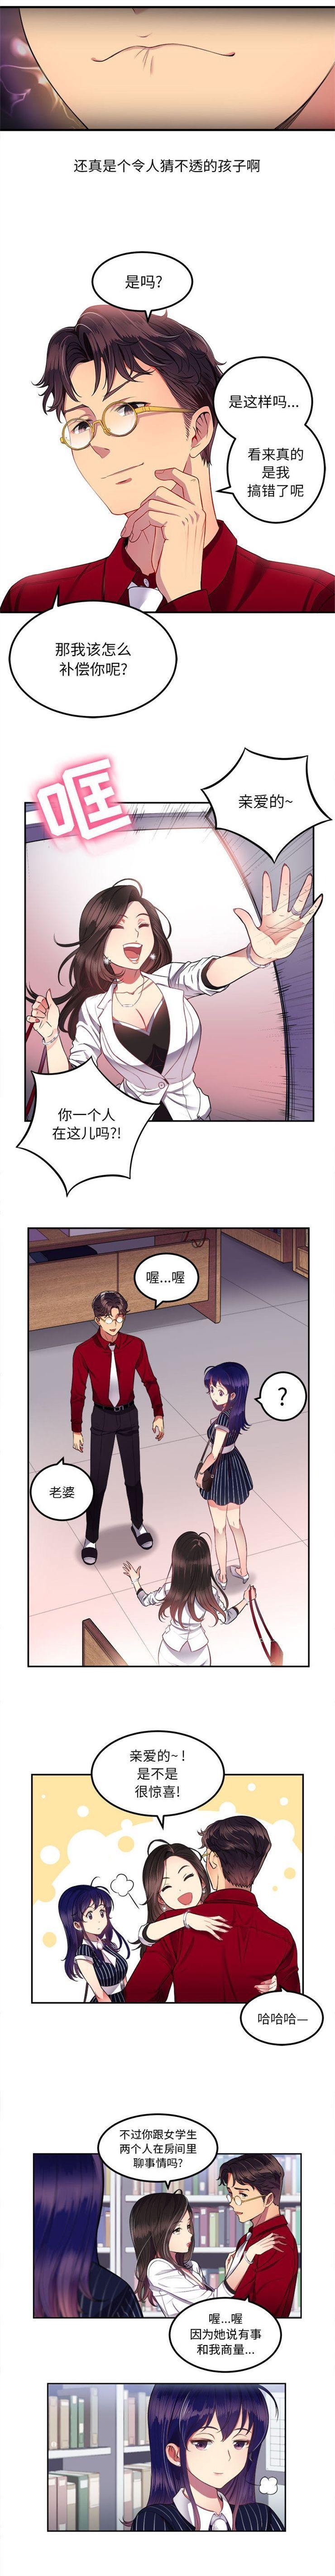 由莉的秘密1-60 中文翻译 (更新中) 31